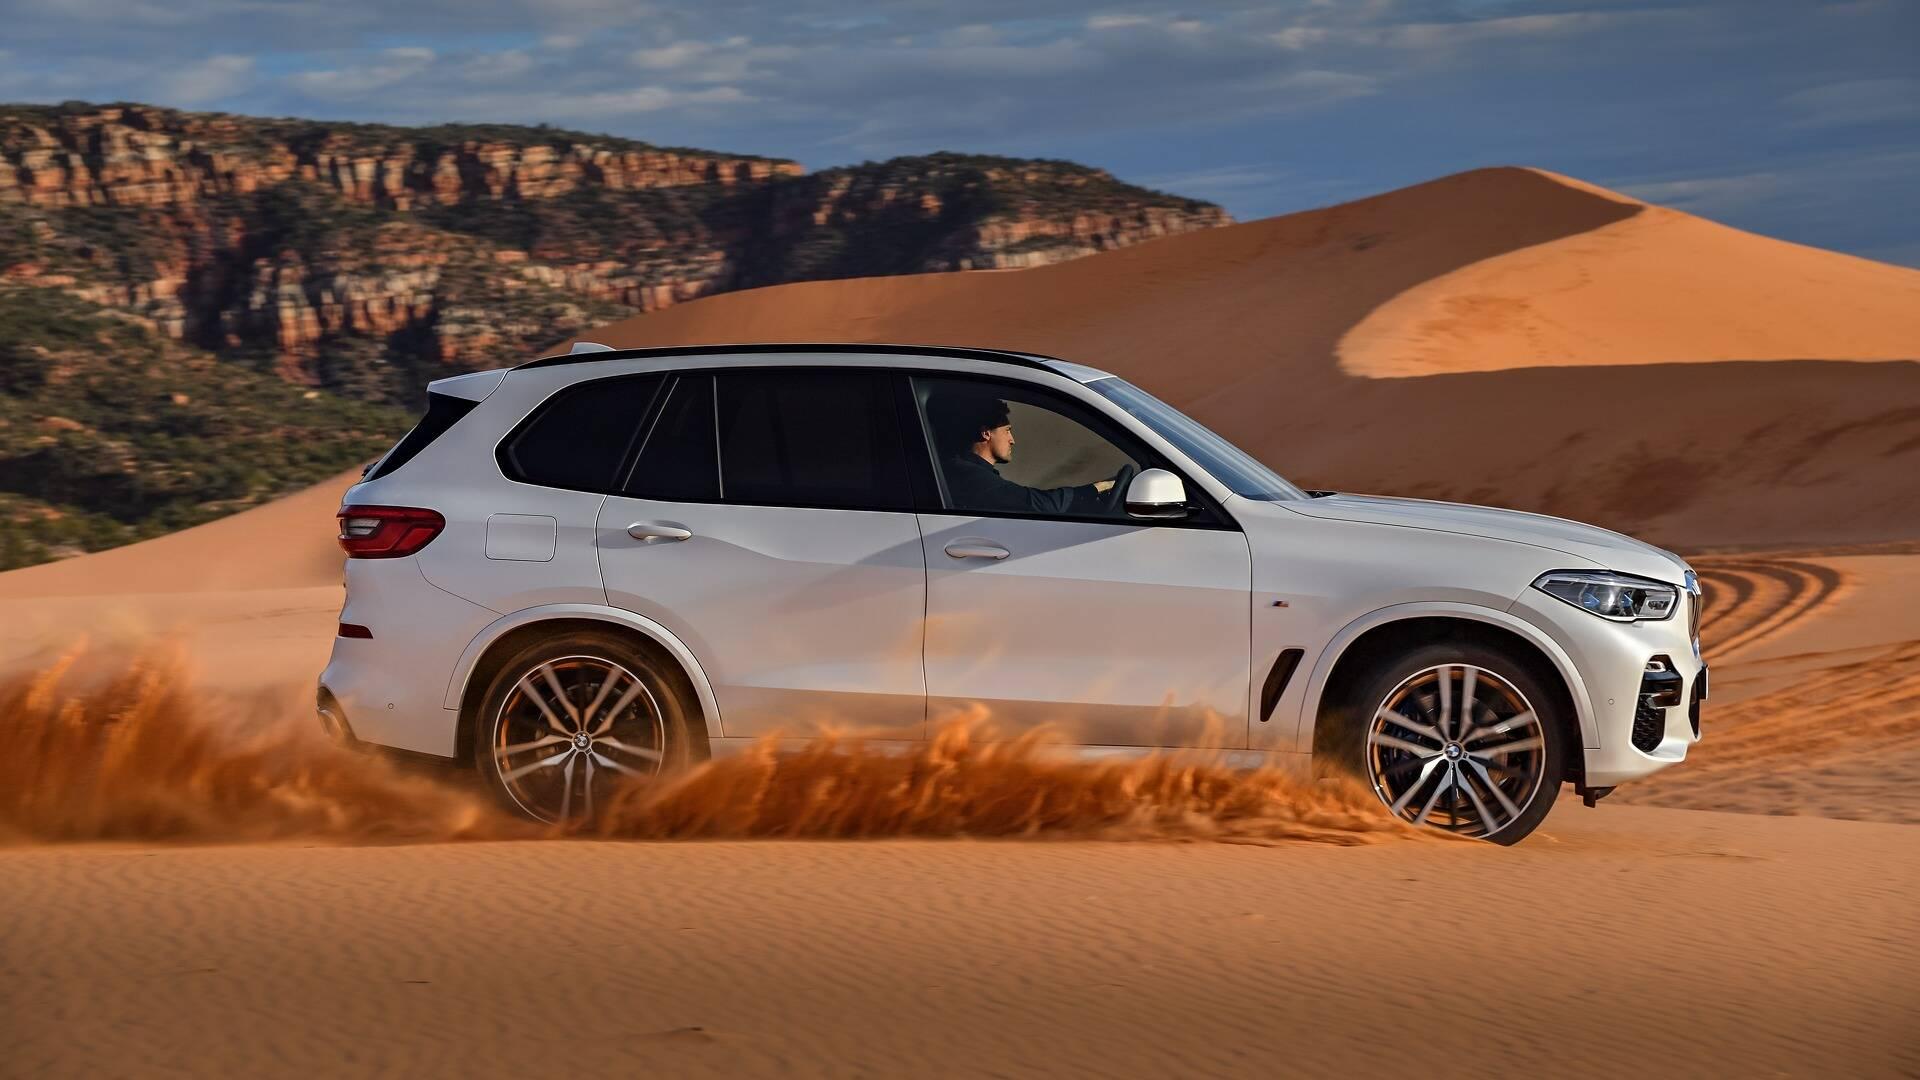 BMW X5 2019. Foto: Divulgação